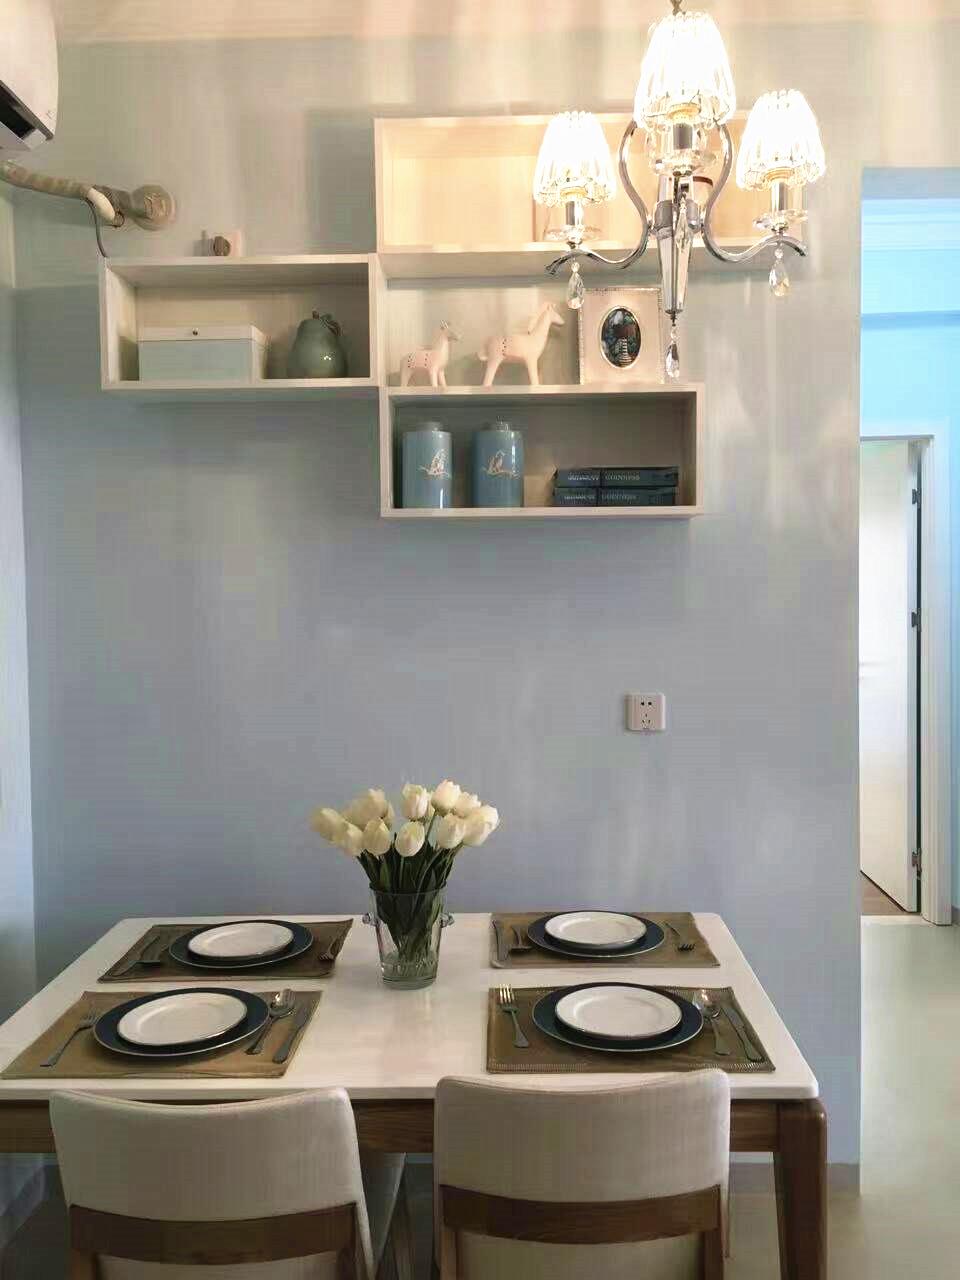 餐厅的一面背景墙被刷上淡淡的蓝色,塑造出优雅内敛的用餐环境。